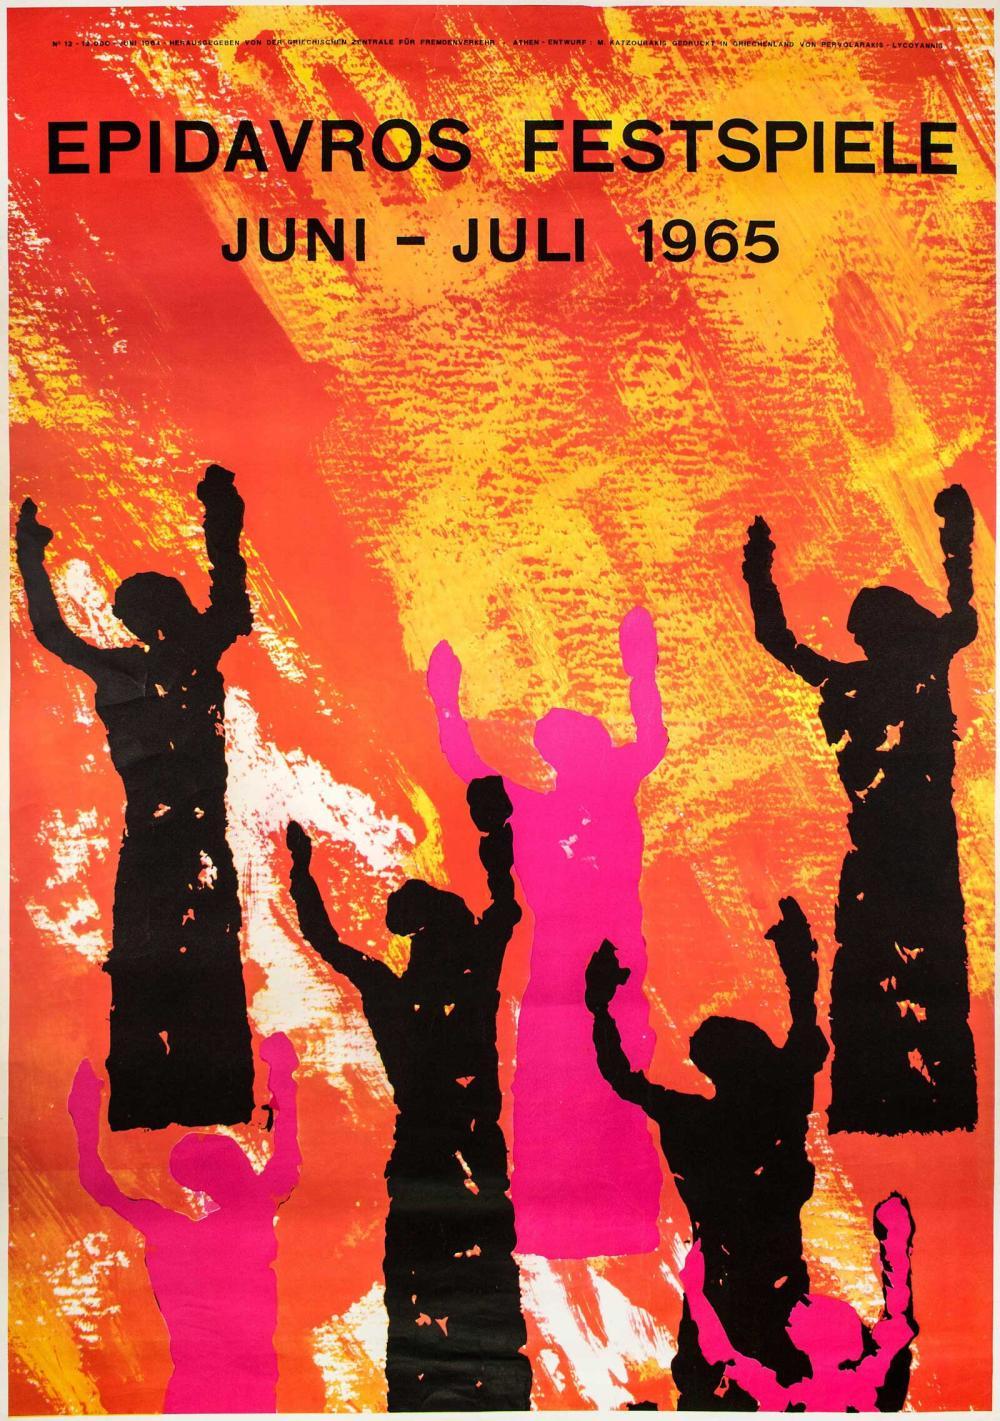 """[ΚΑΤΖΟΥΡΑΚΗΣ Μ] M. Katzourakis, """"EPIDAVROS FESTSPIELE JUNI - JULI 1965 / No 12 - 12.000 - Juni1964.Original... - Greece - / POSTERS"""